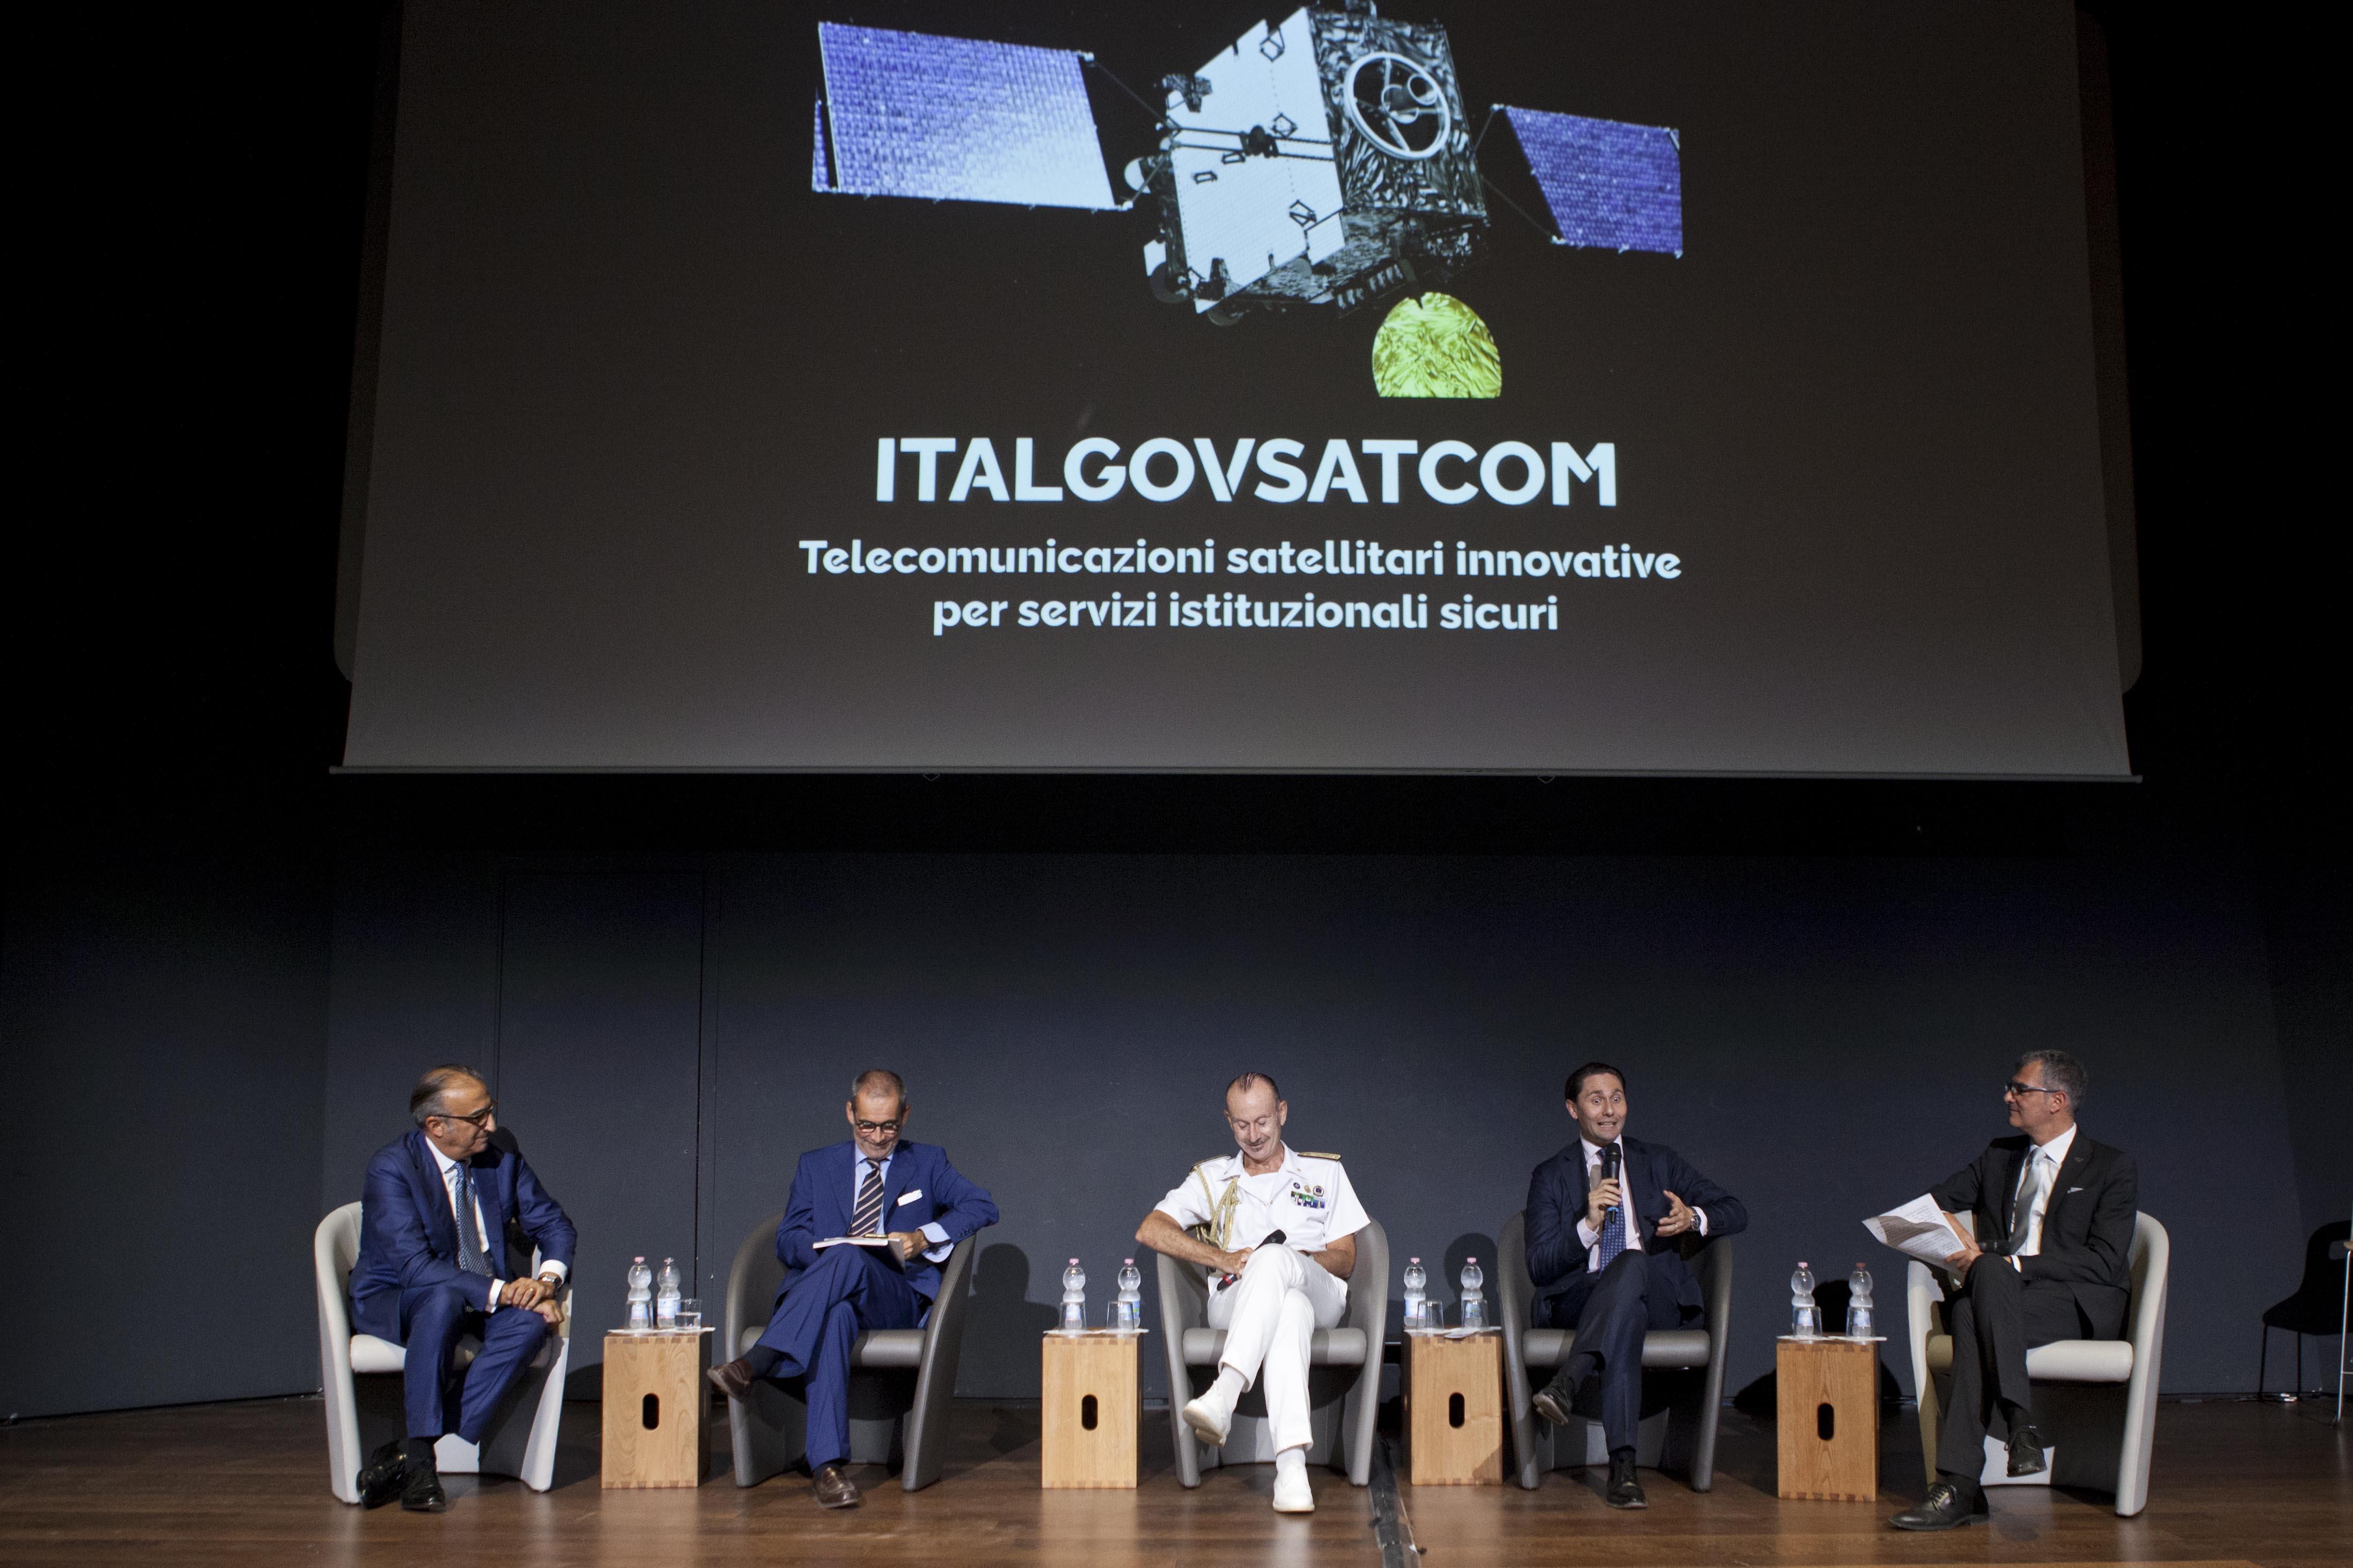 ASI - Space Economy, al via la prima fase di Ital-GovSatCom